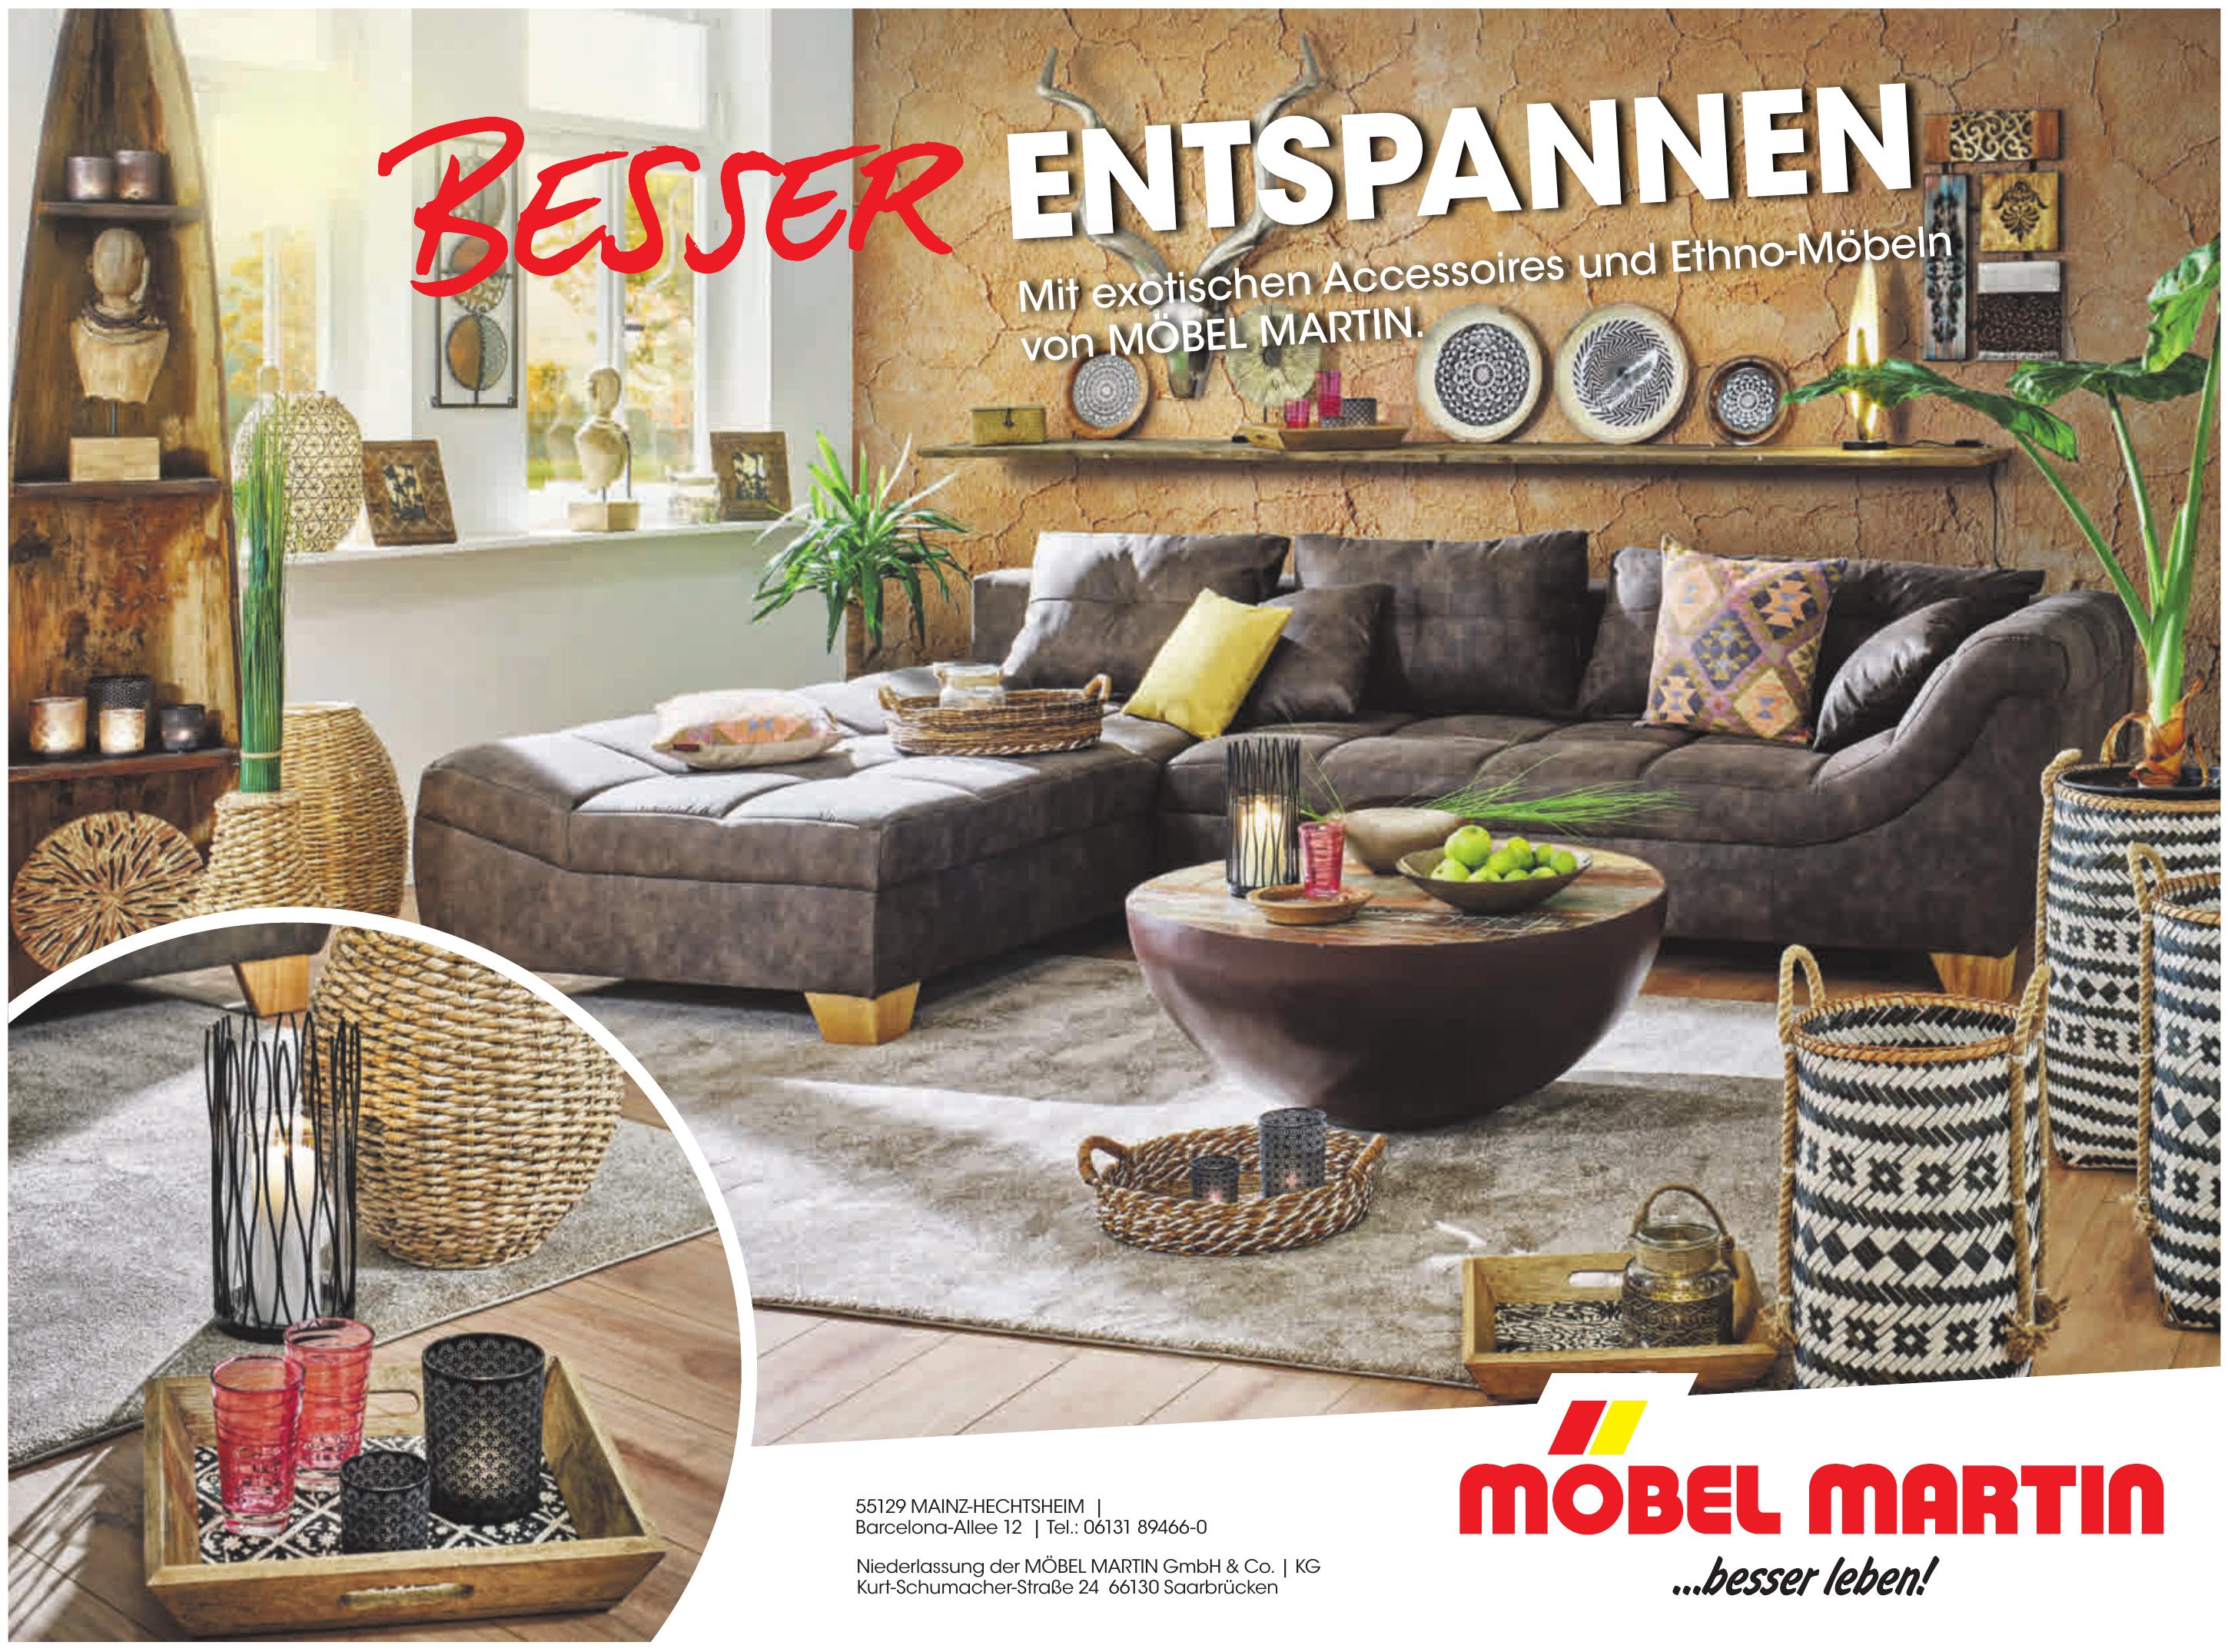 Niederlassung der MÖBEL MARTIN GmbH & Co. KG